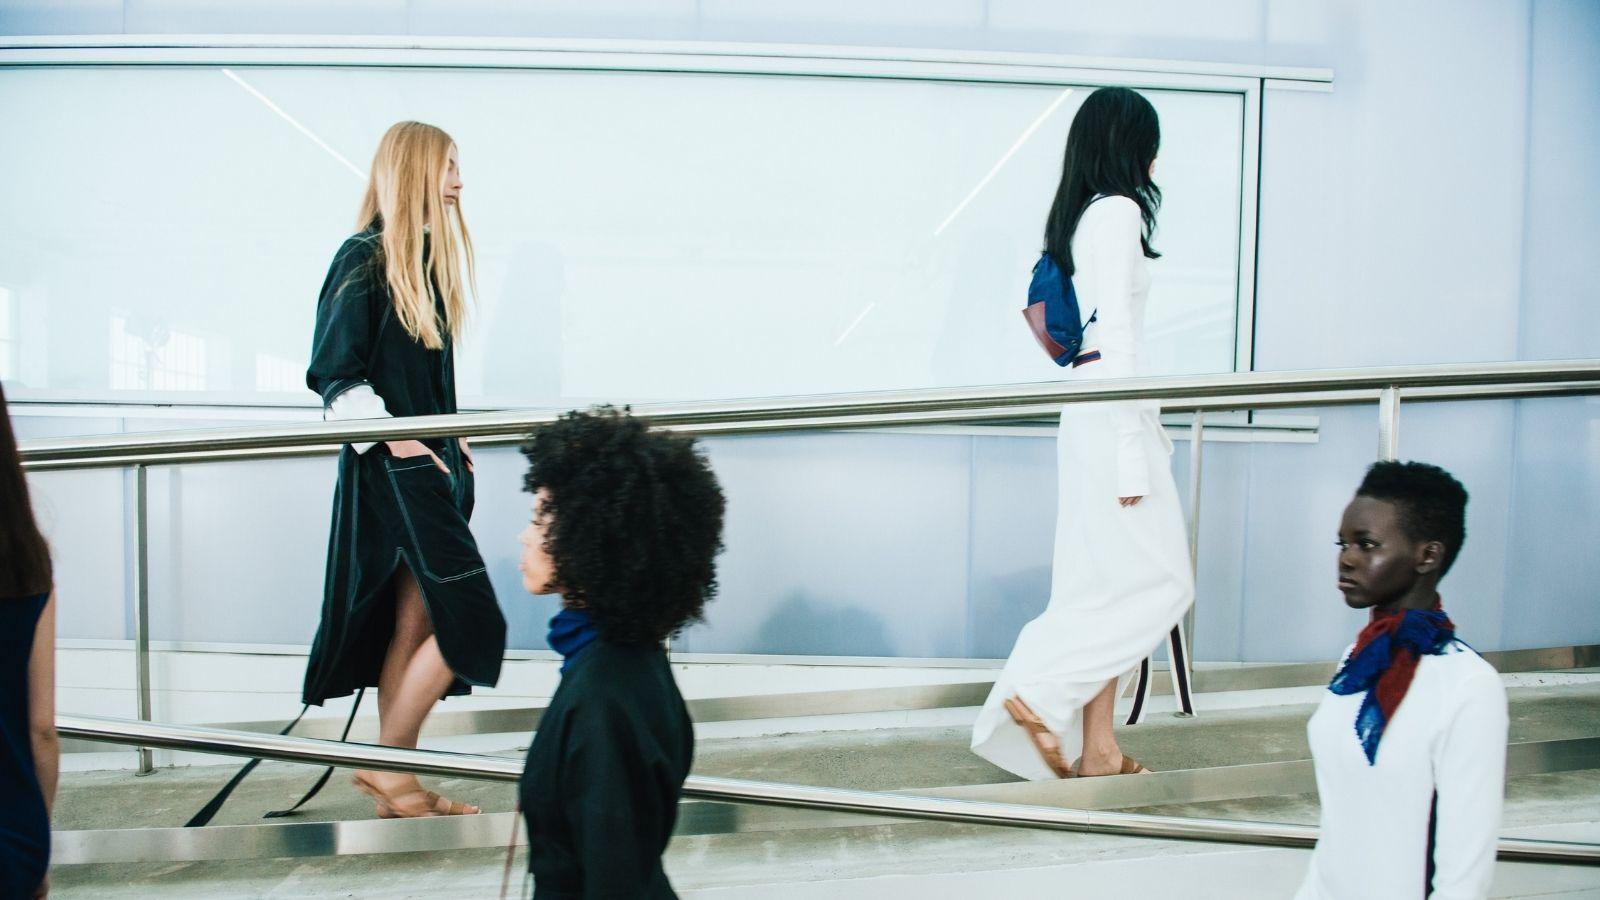 Czy cyfryzacja mody zmieni świat zakupów? Digital mediarun moda